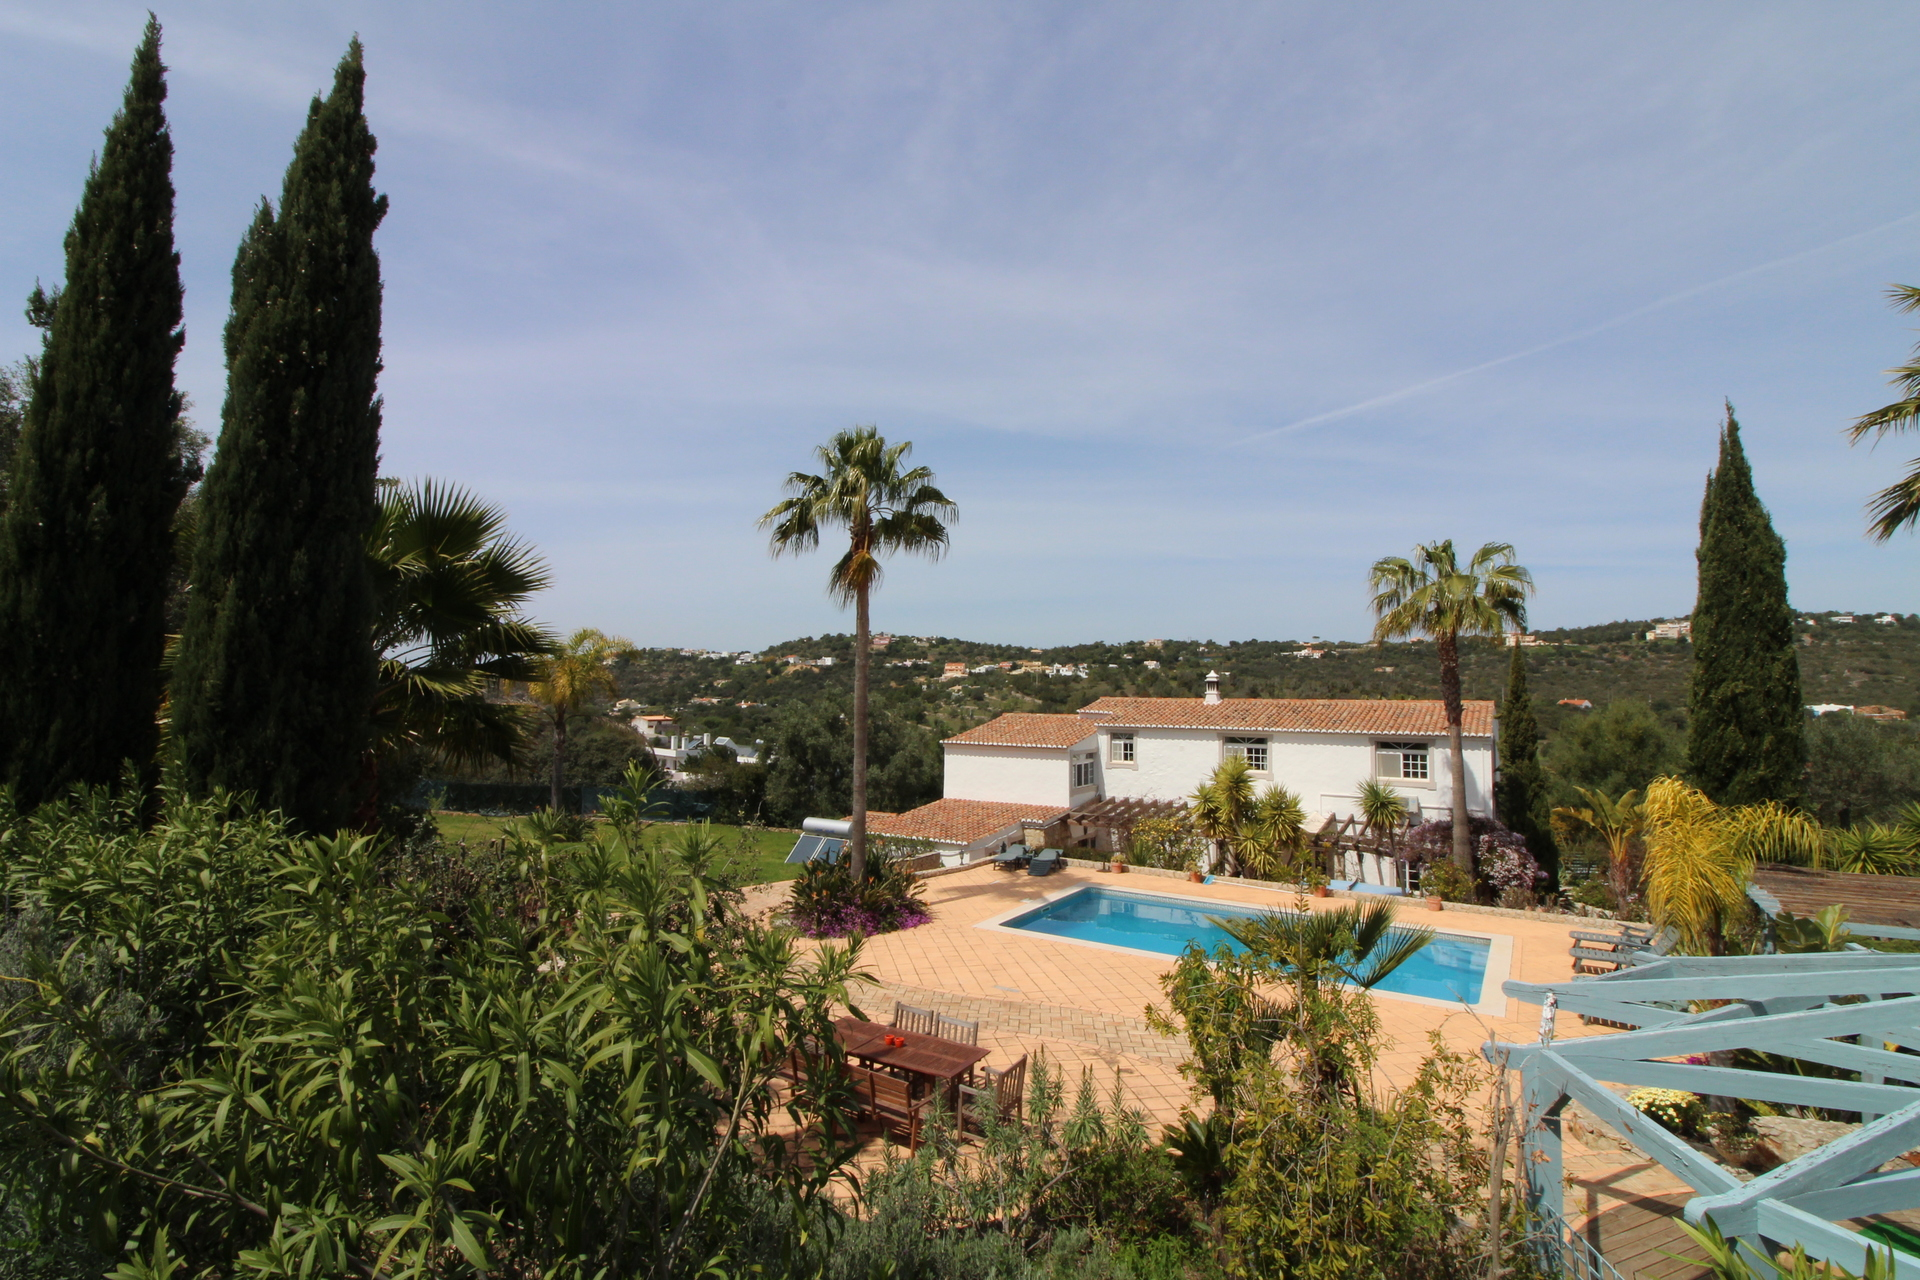 4 Bedroom Villa Loule, Central Algarve Ref: MV19008